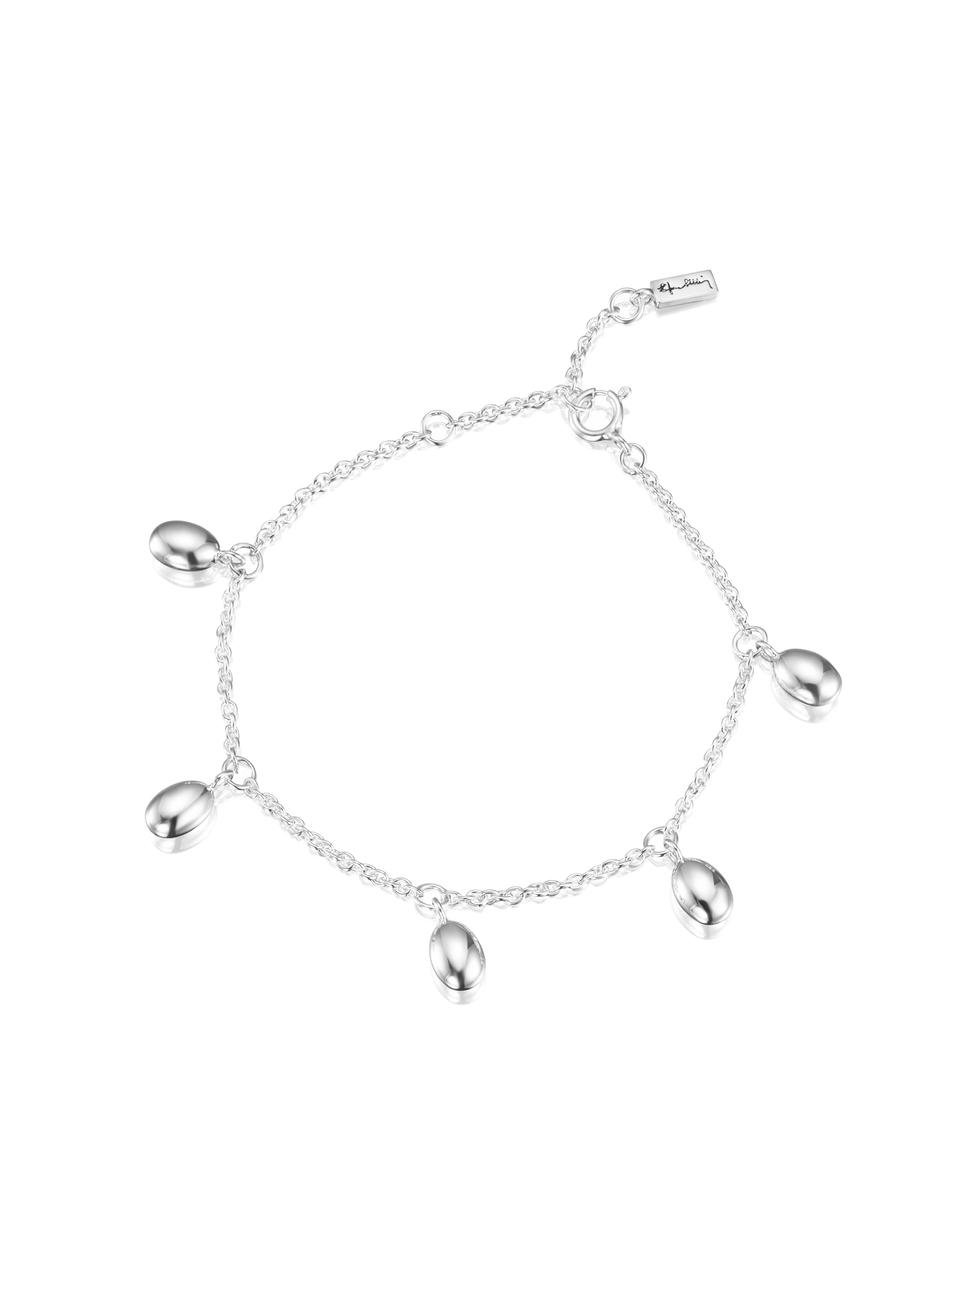 Love Beads Plain Bracelet 14-100-01425(2)